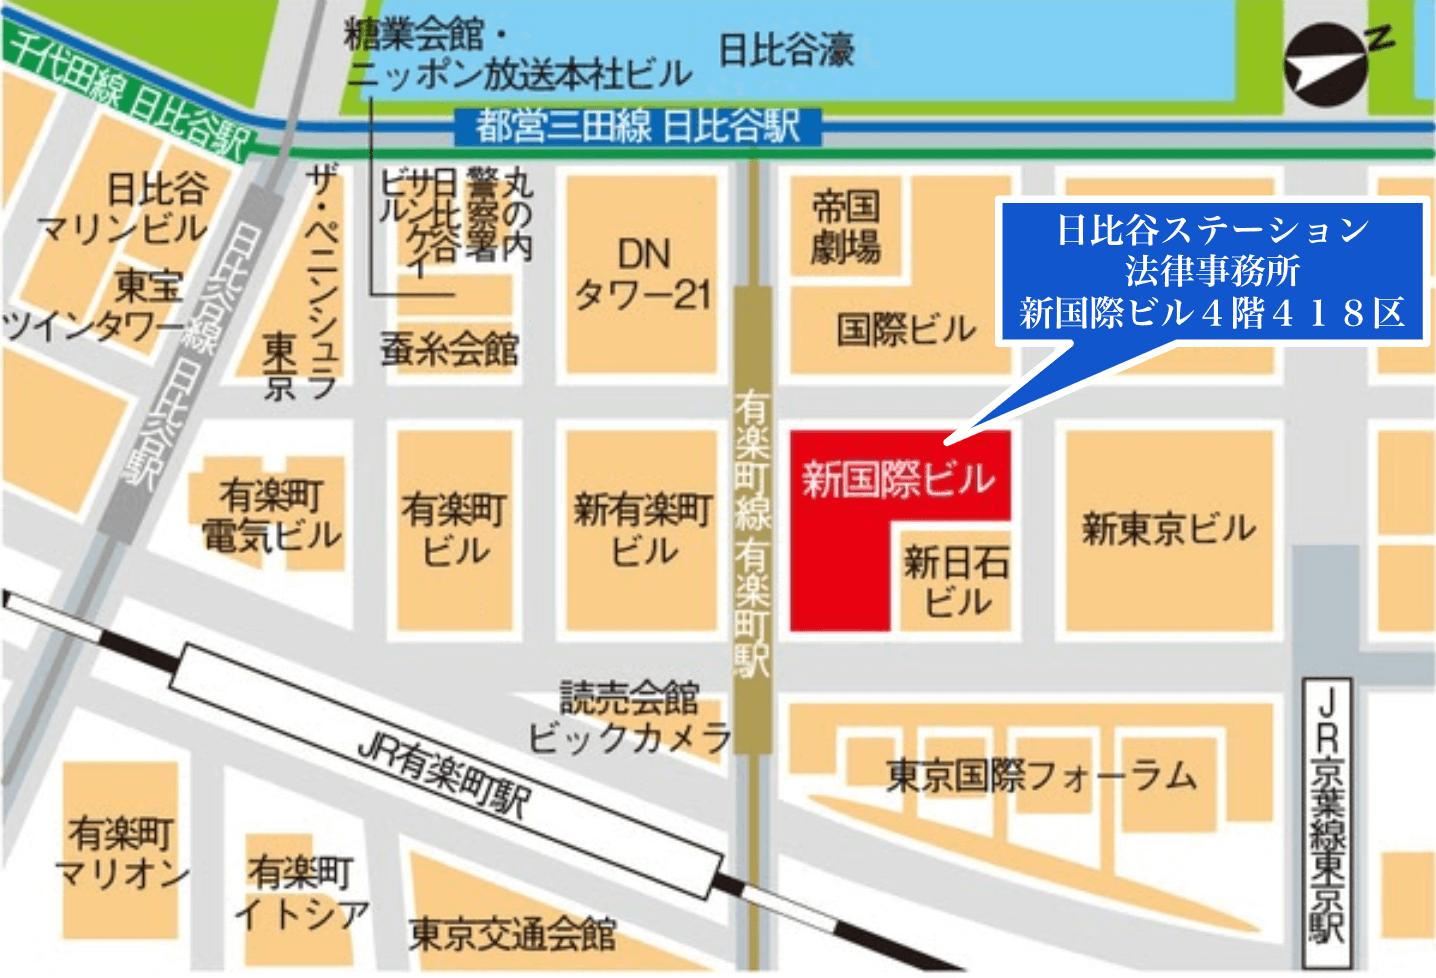 日比谷ステーション法律事務所の周辺地図